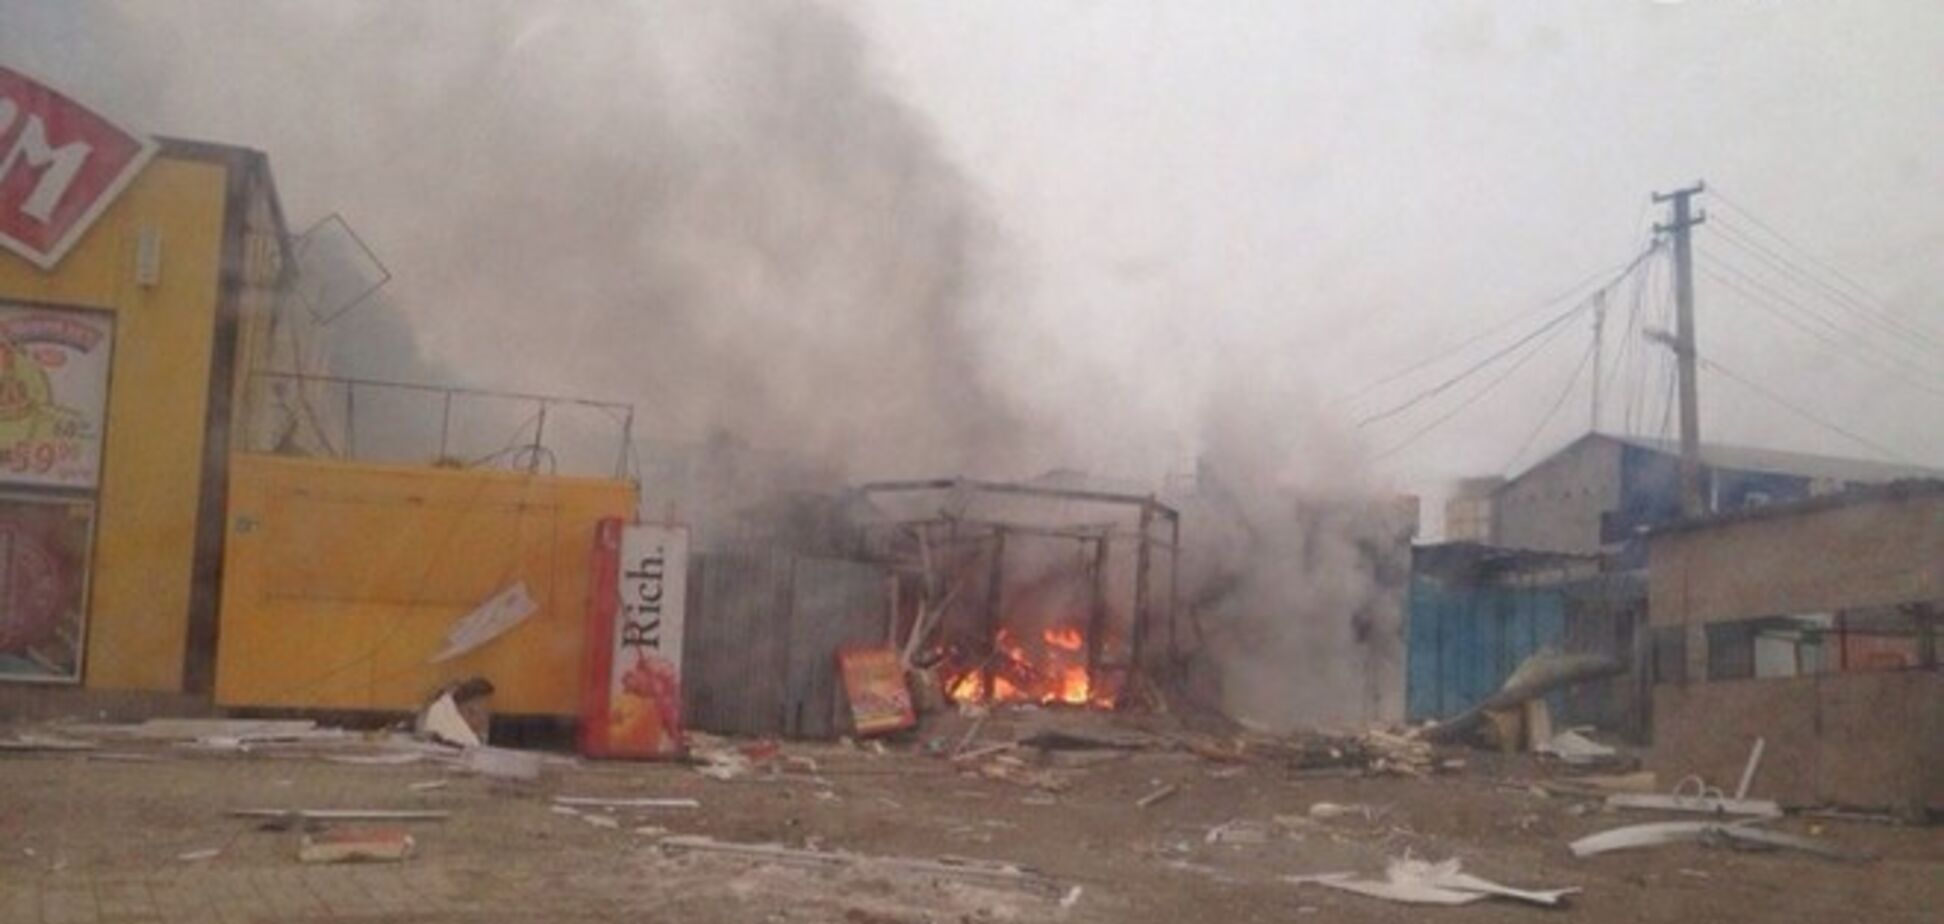 Прокуратура квалифицировала обстрел боевиками Мариуполя как теракт